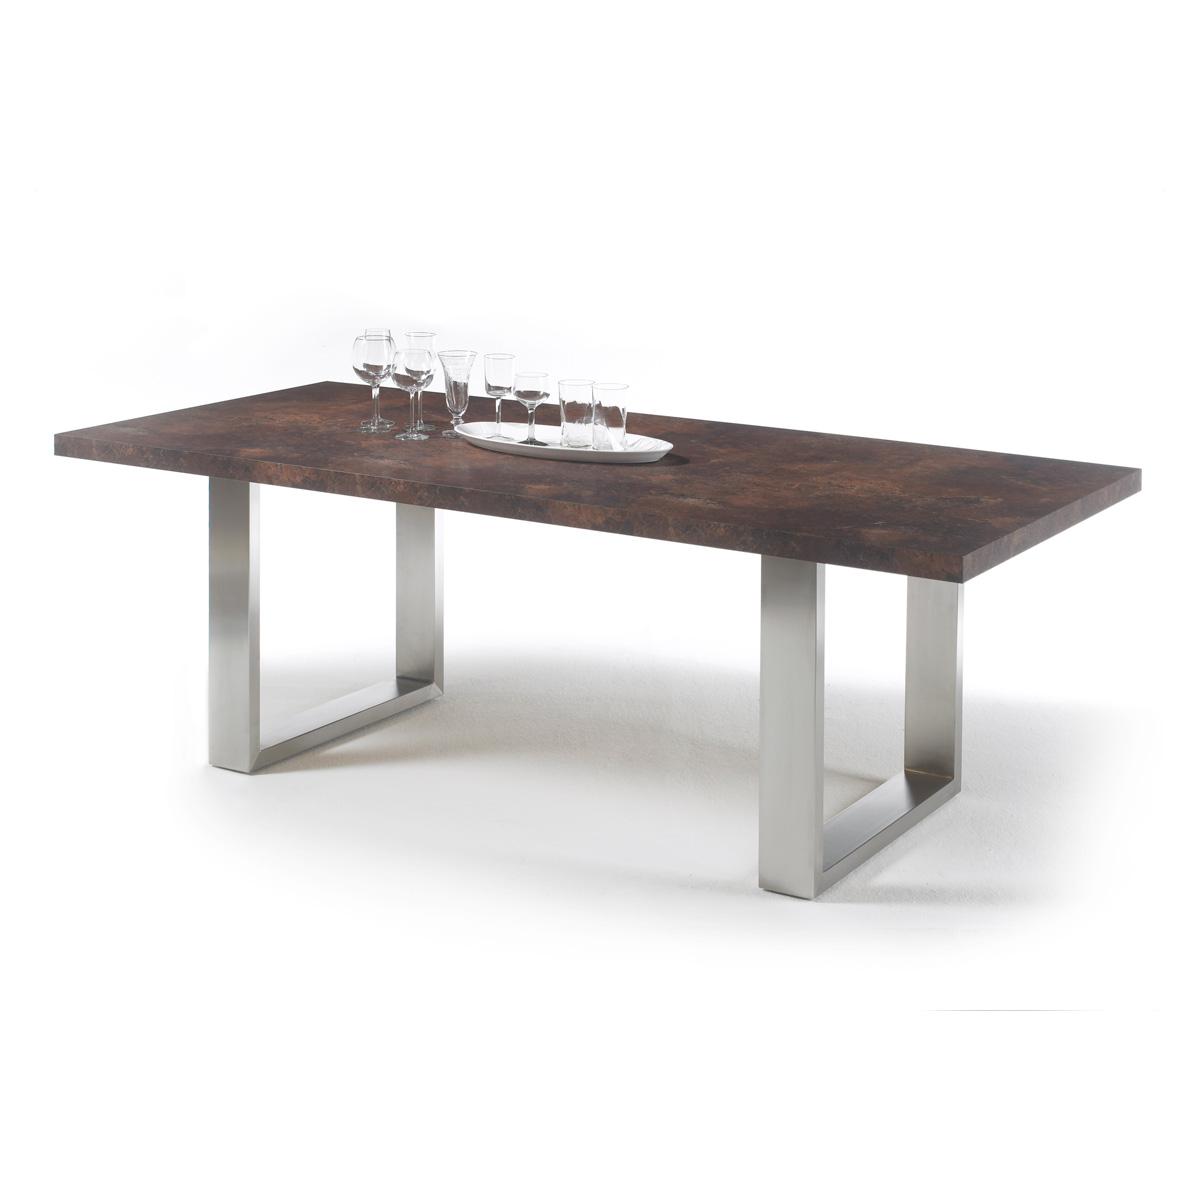 Esstisch Granit = esstisch stone tisch esstisch esszimmertisch anthrazit